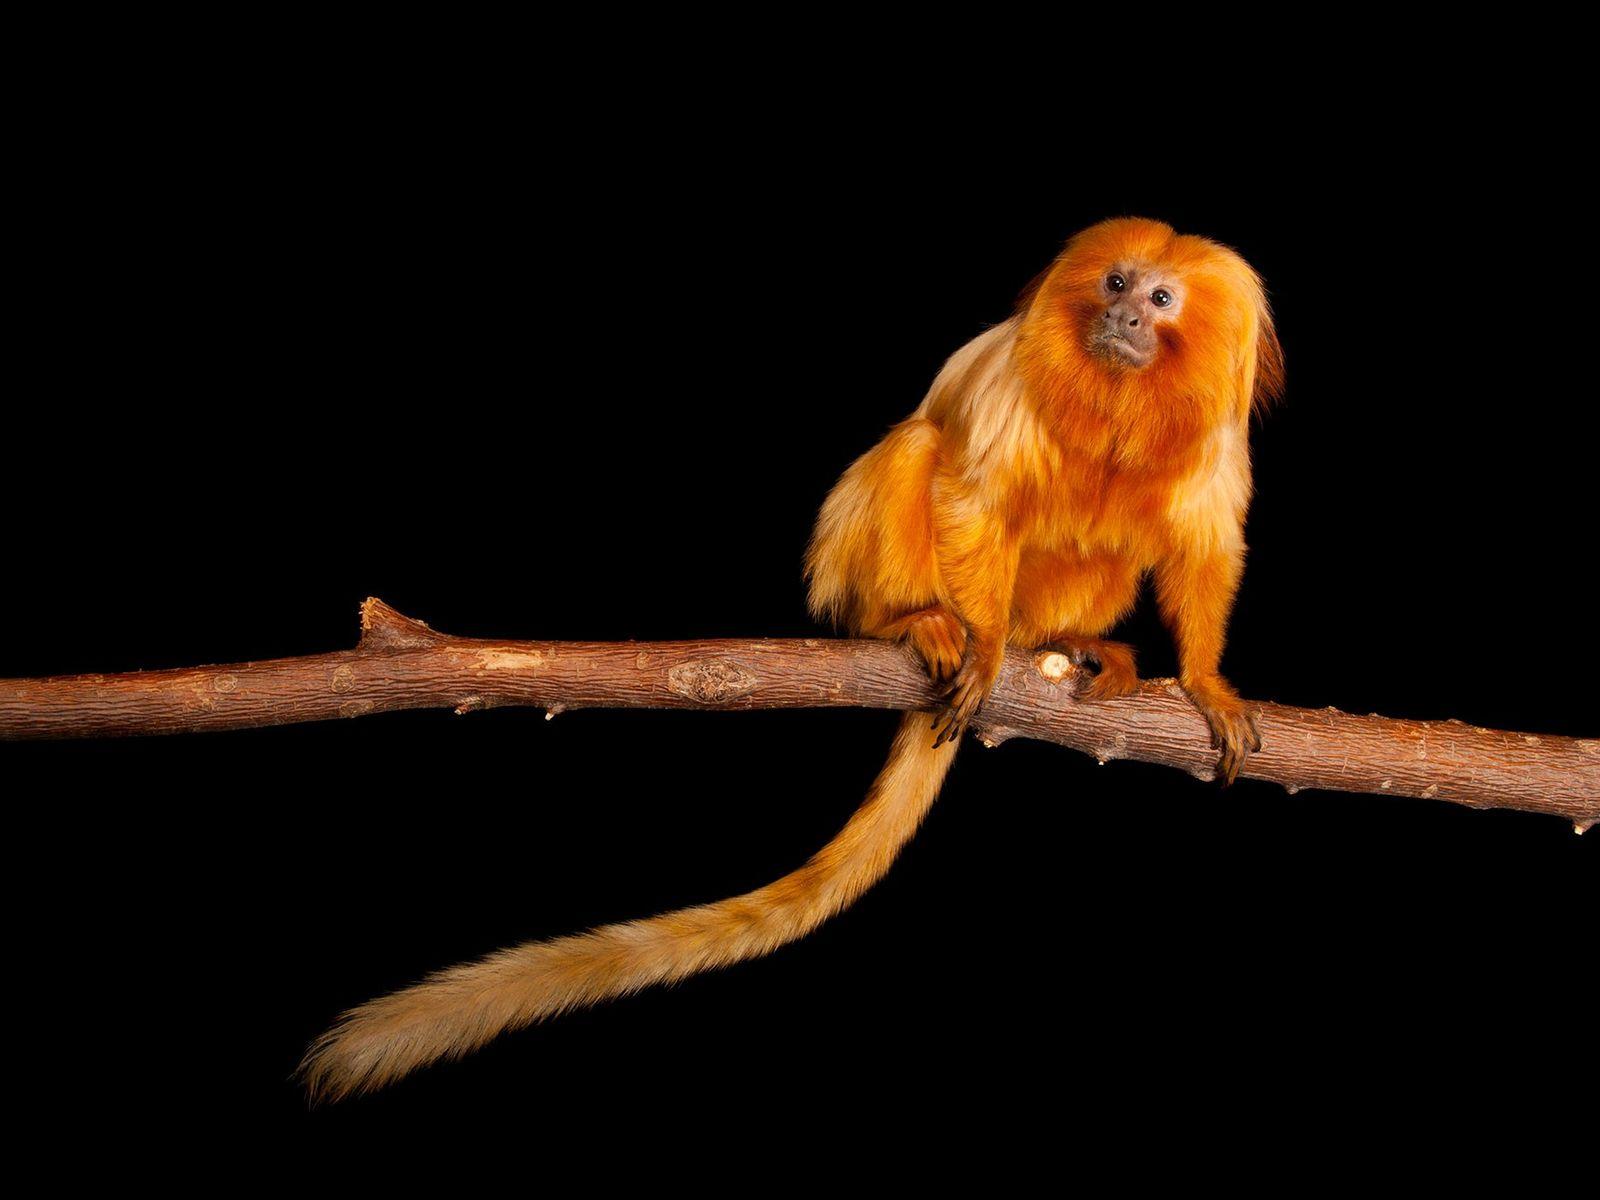 Micos-leões-dourados, pequenos primatas ameaçados